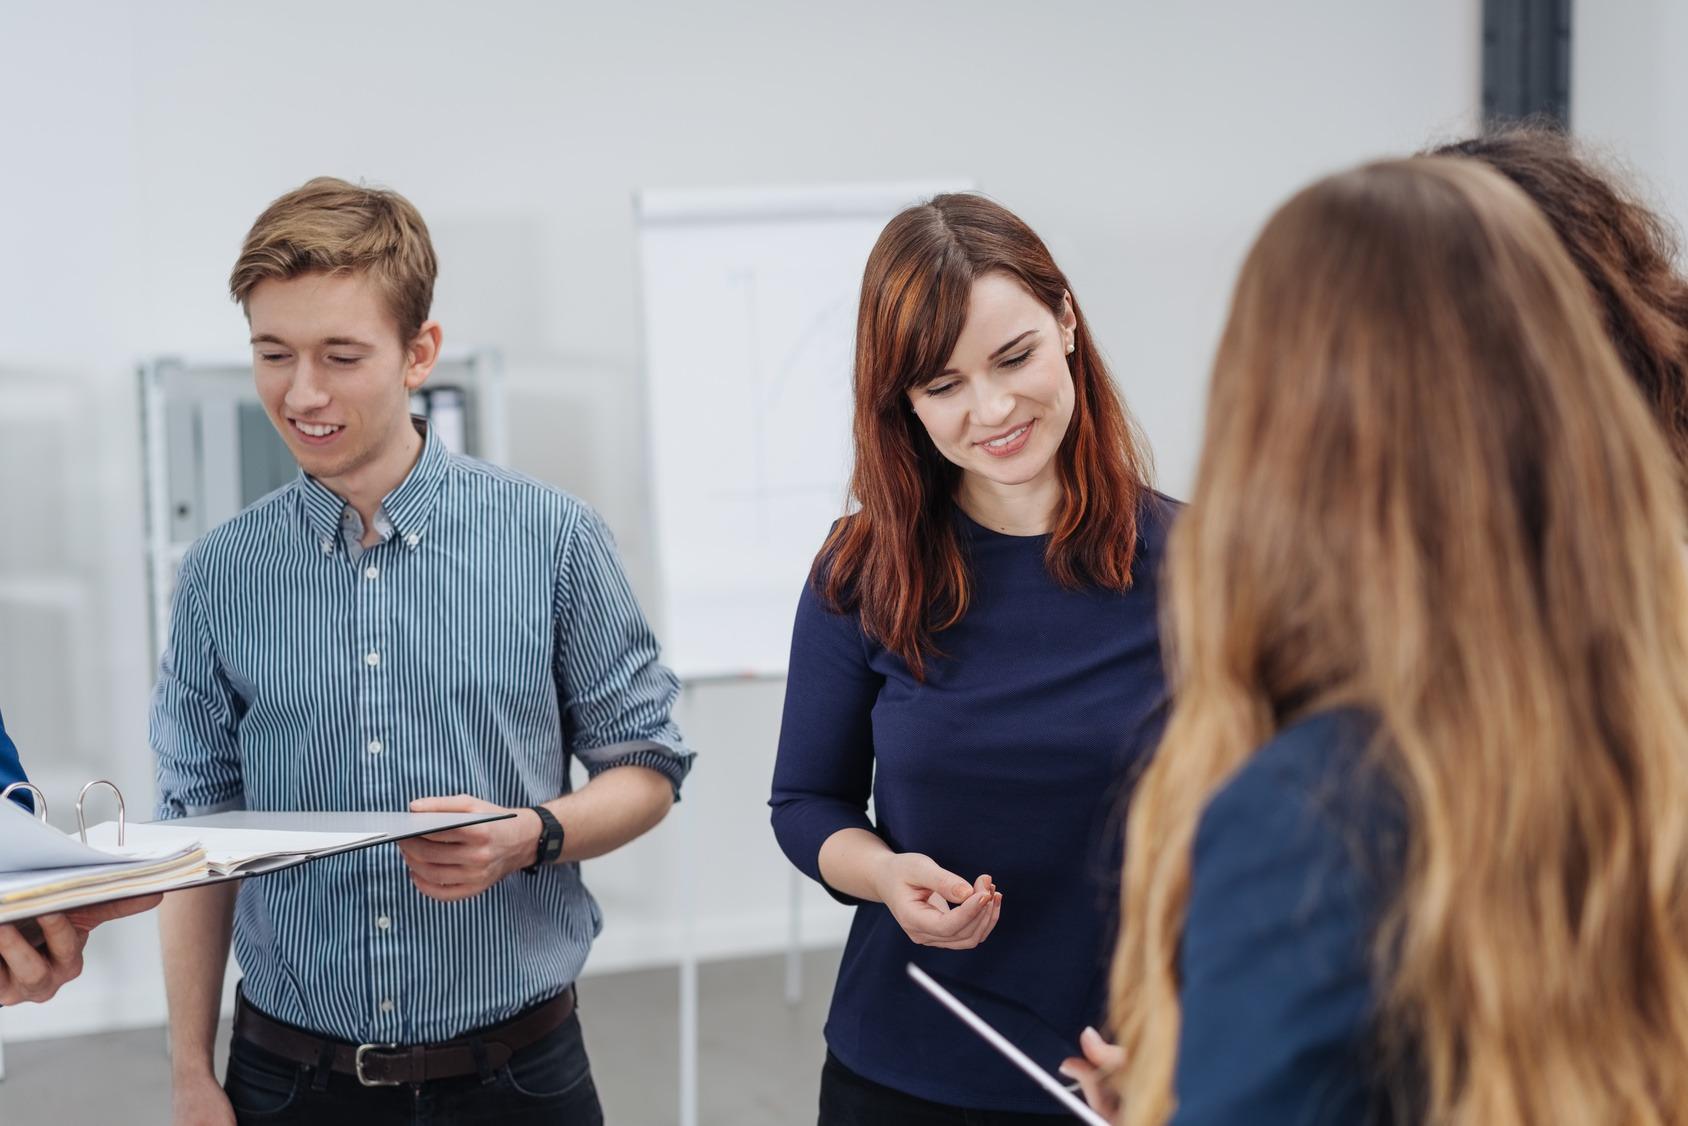 Mehrere Bewerber bei einer Gruppendiskussion während eines Assessment Centers.